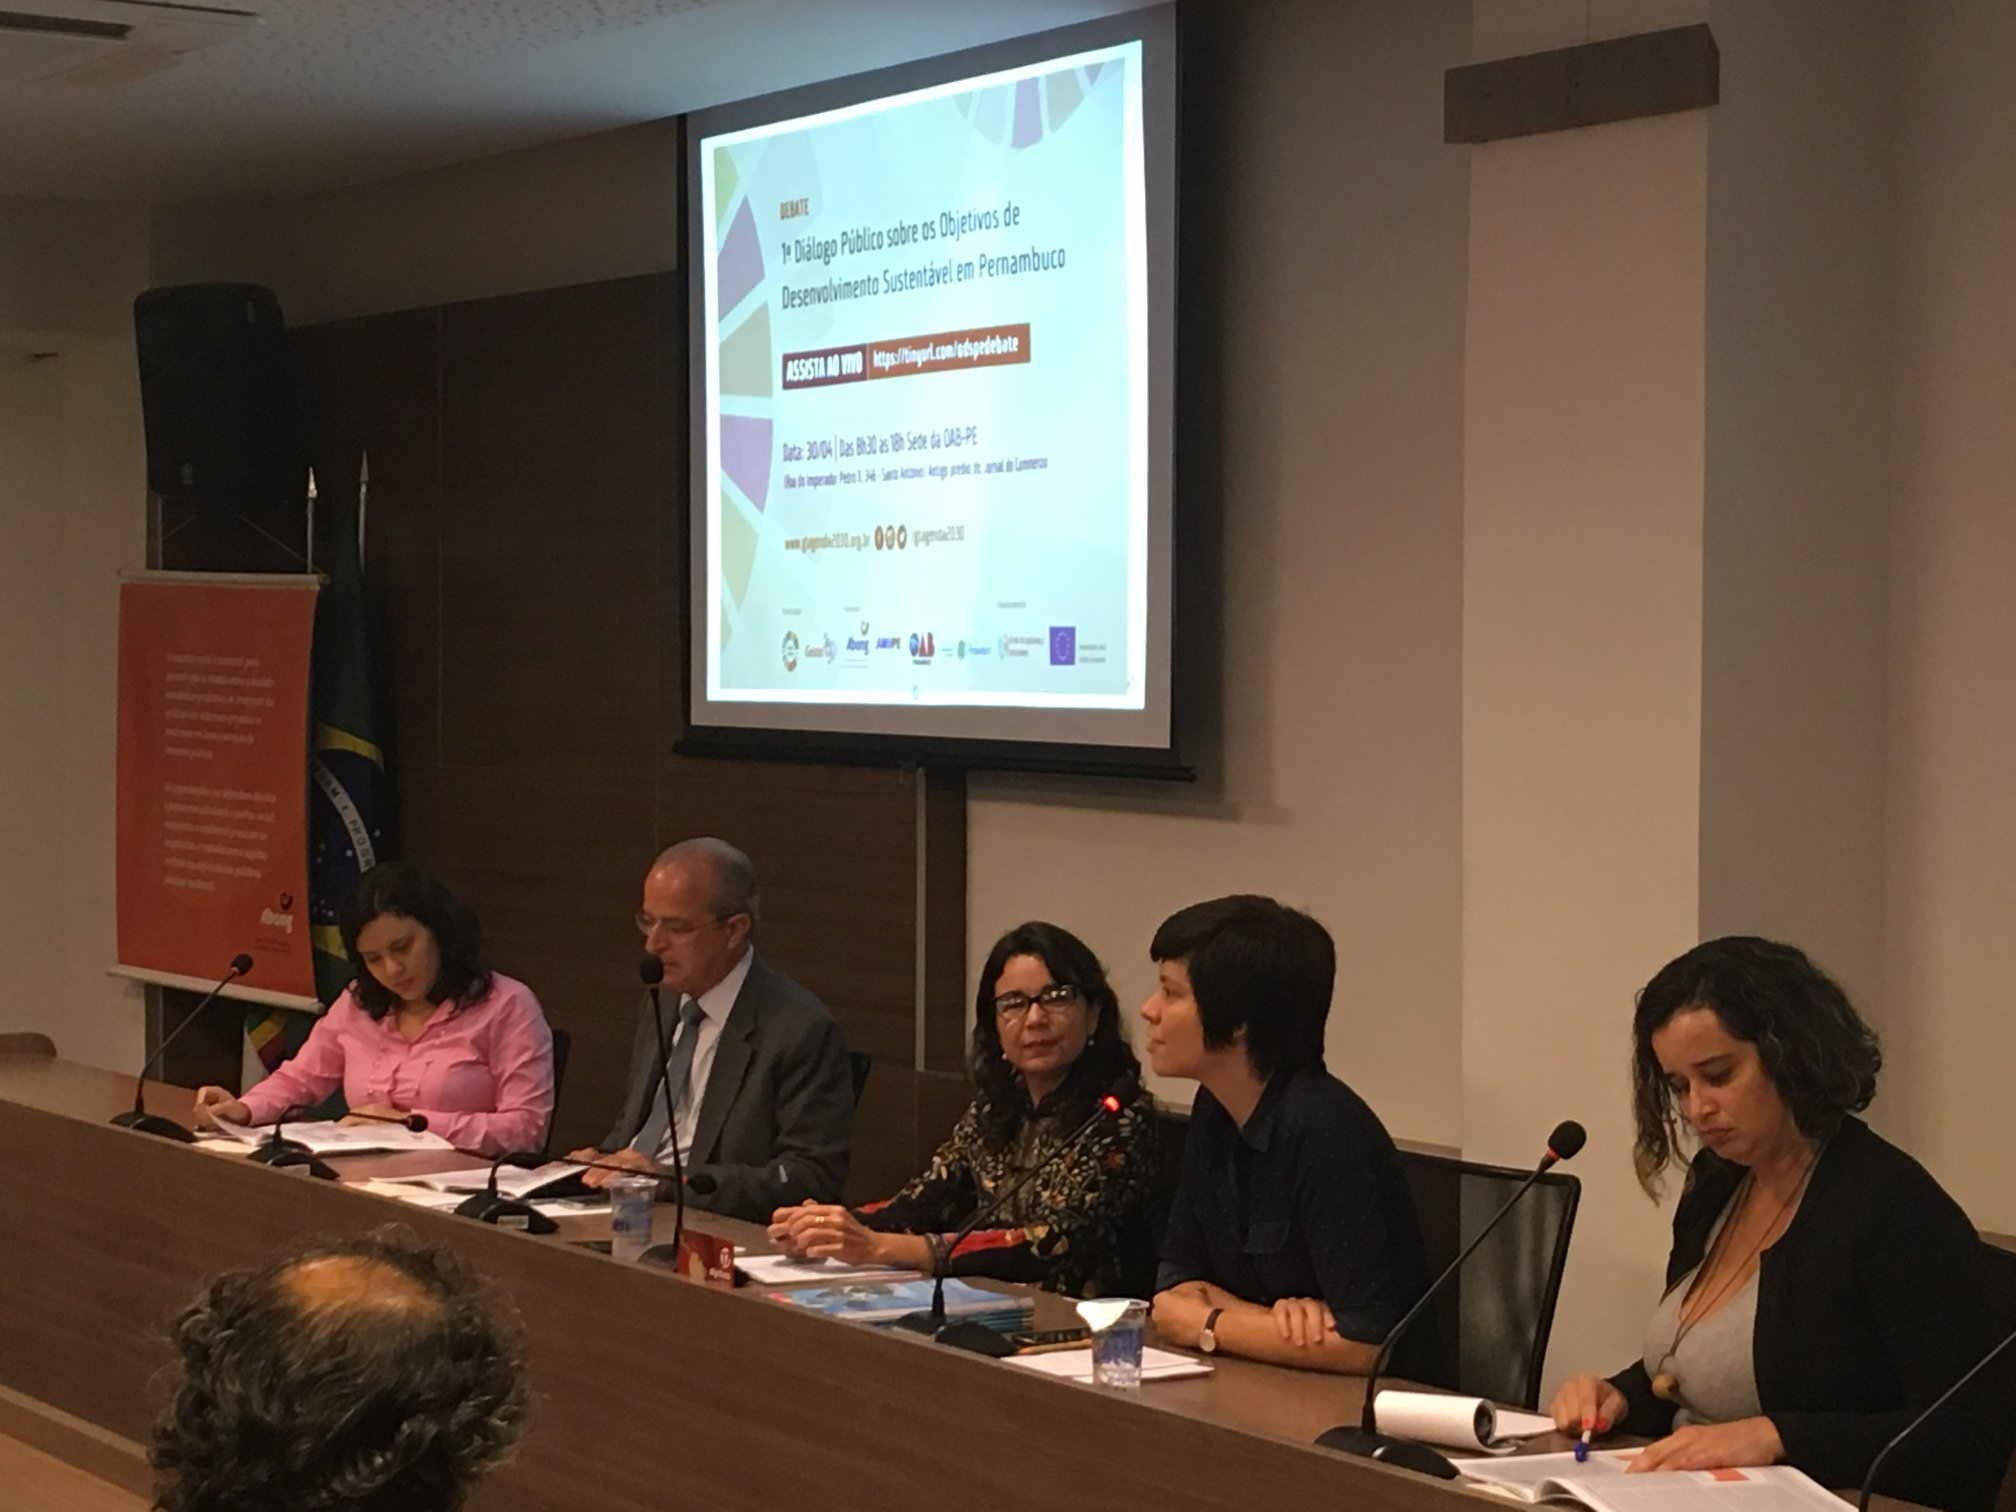 Debate promovido na OAB pela Gestos para a Agenda 2030 e o acesso à Justiça